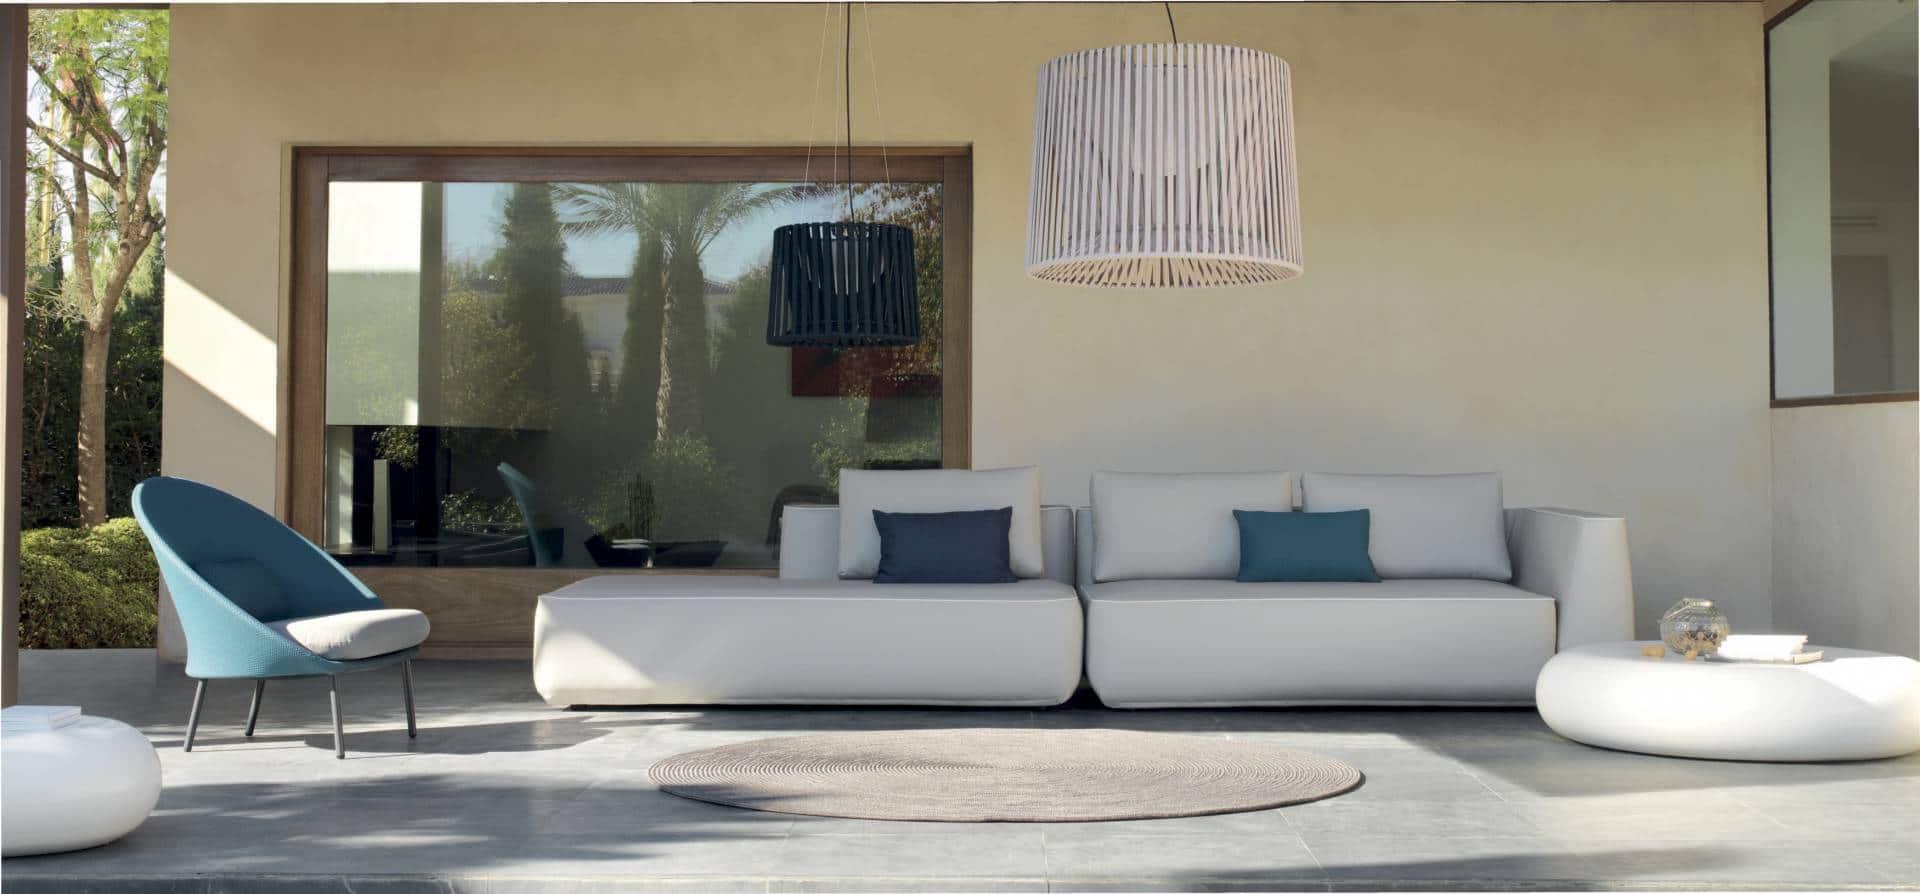 Muebles para el jardín